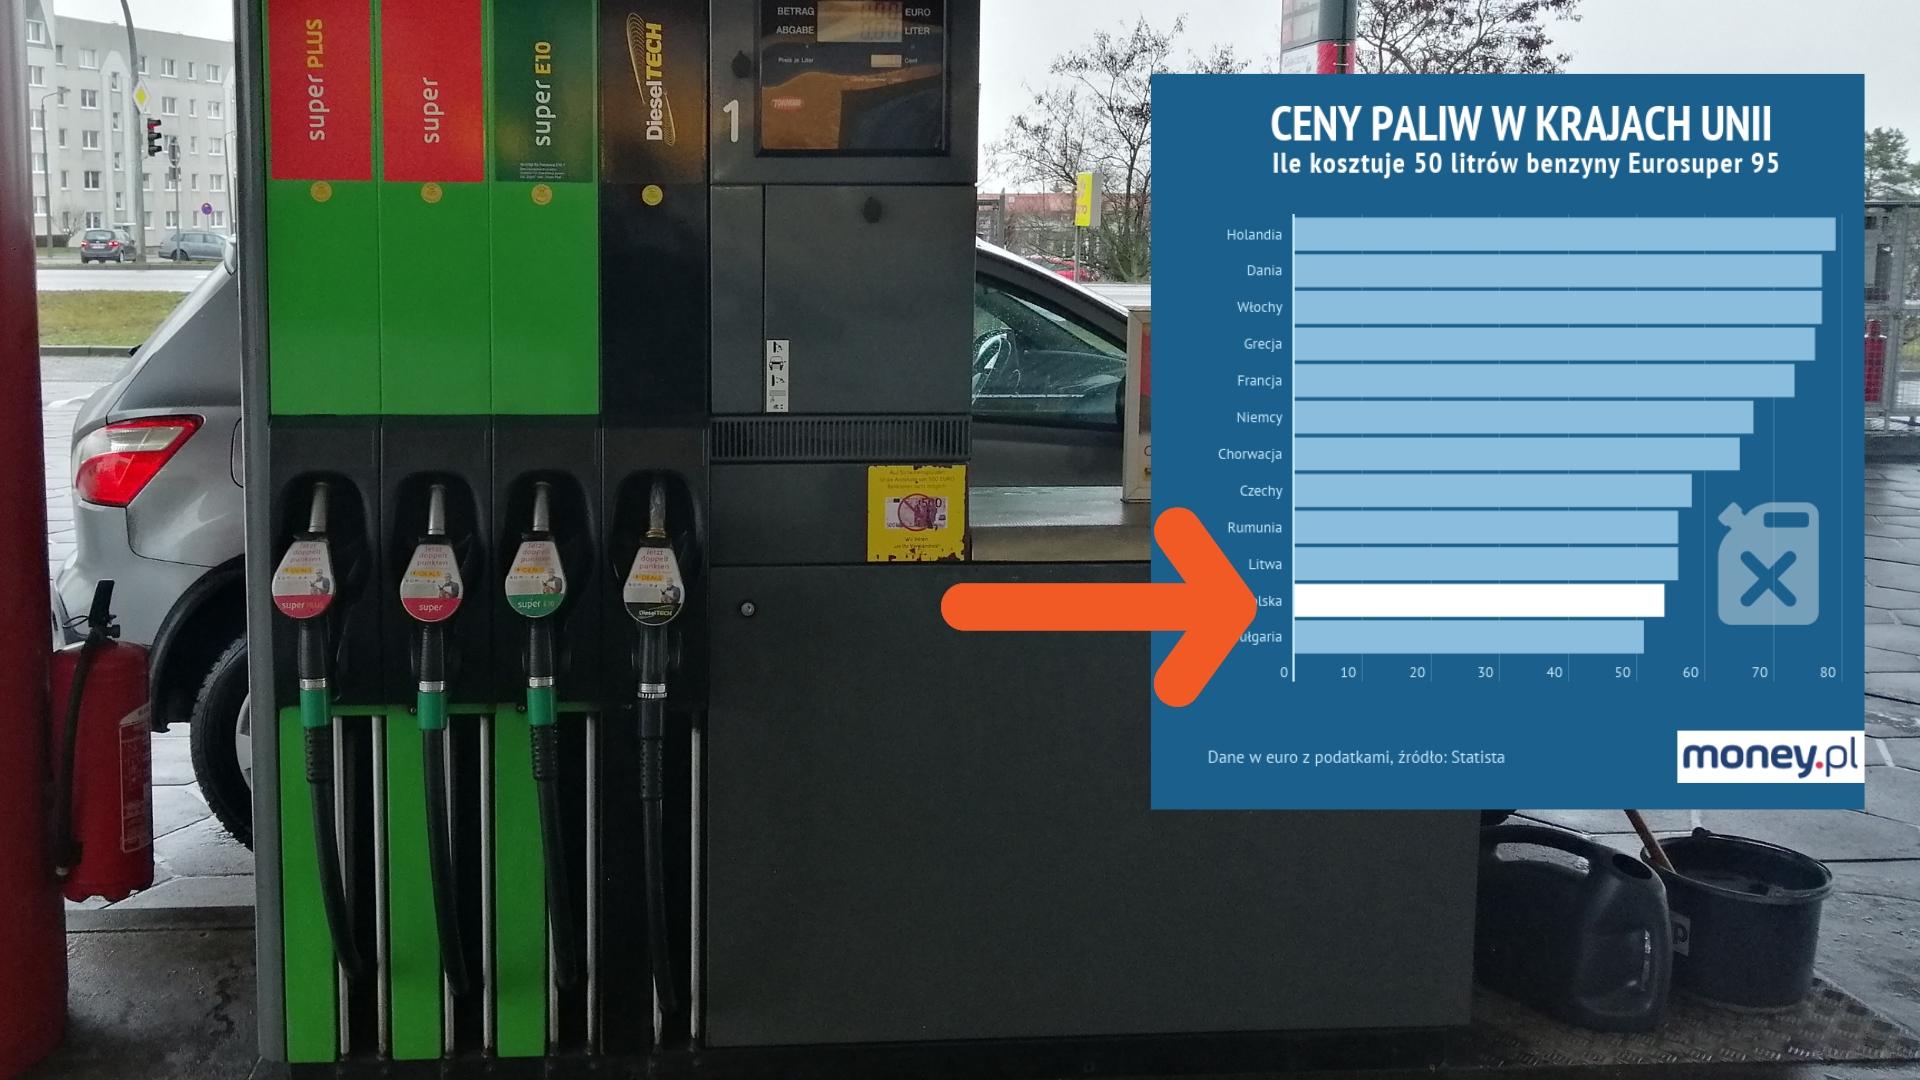 ebf8d3d713becc Ceny paliw. W Polsce płacimy naprawdę mało. Taniej mają tylko Bułgarzy -  Money.pl